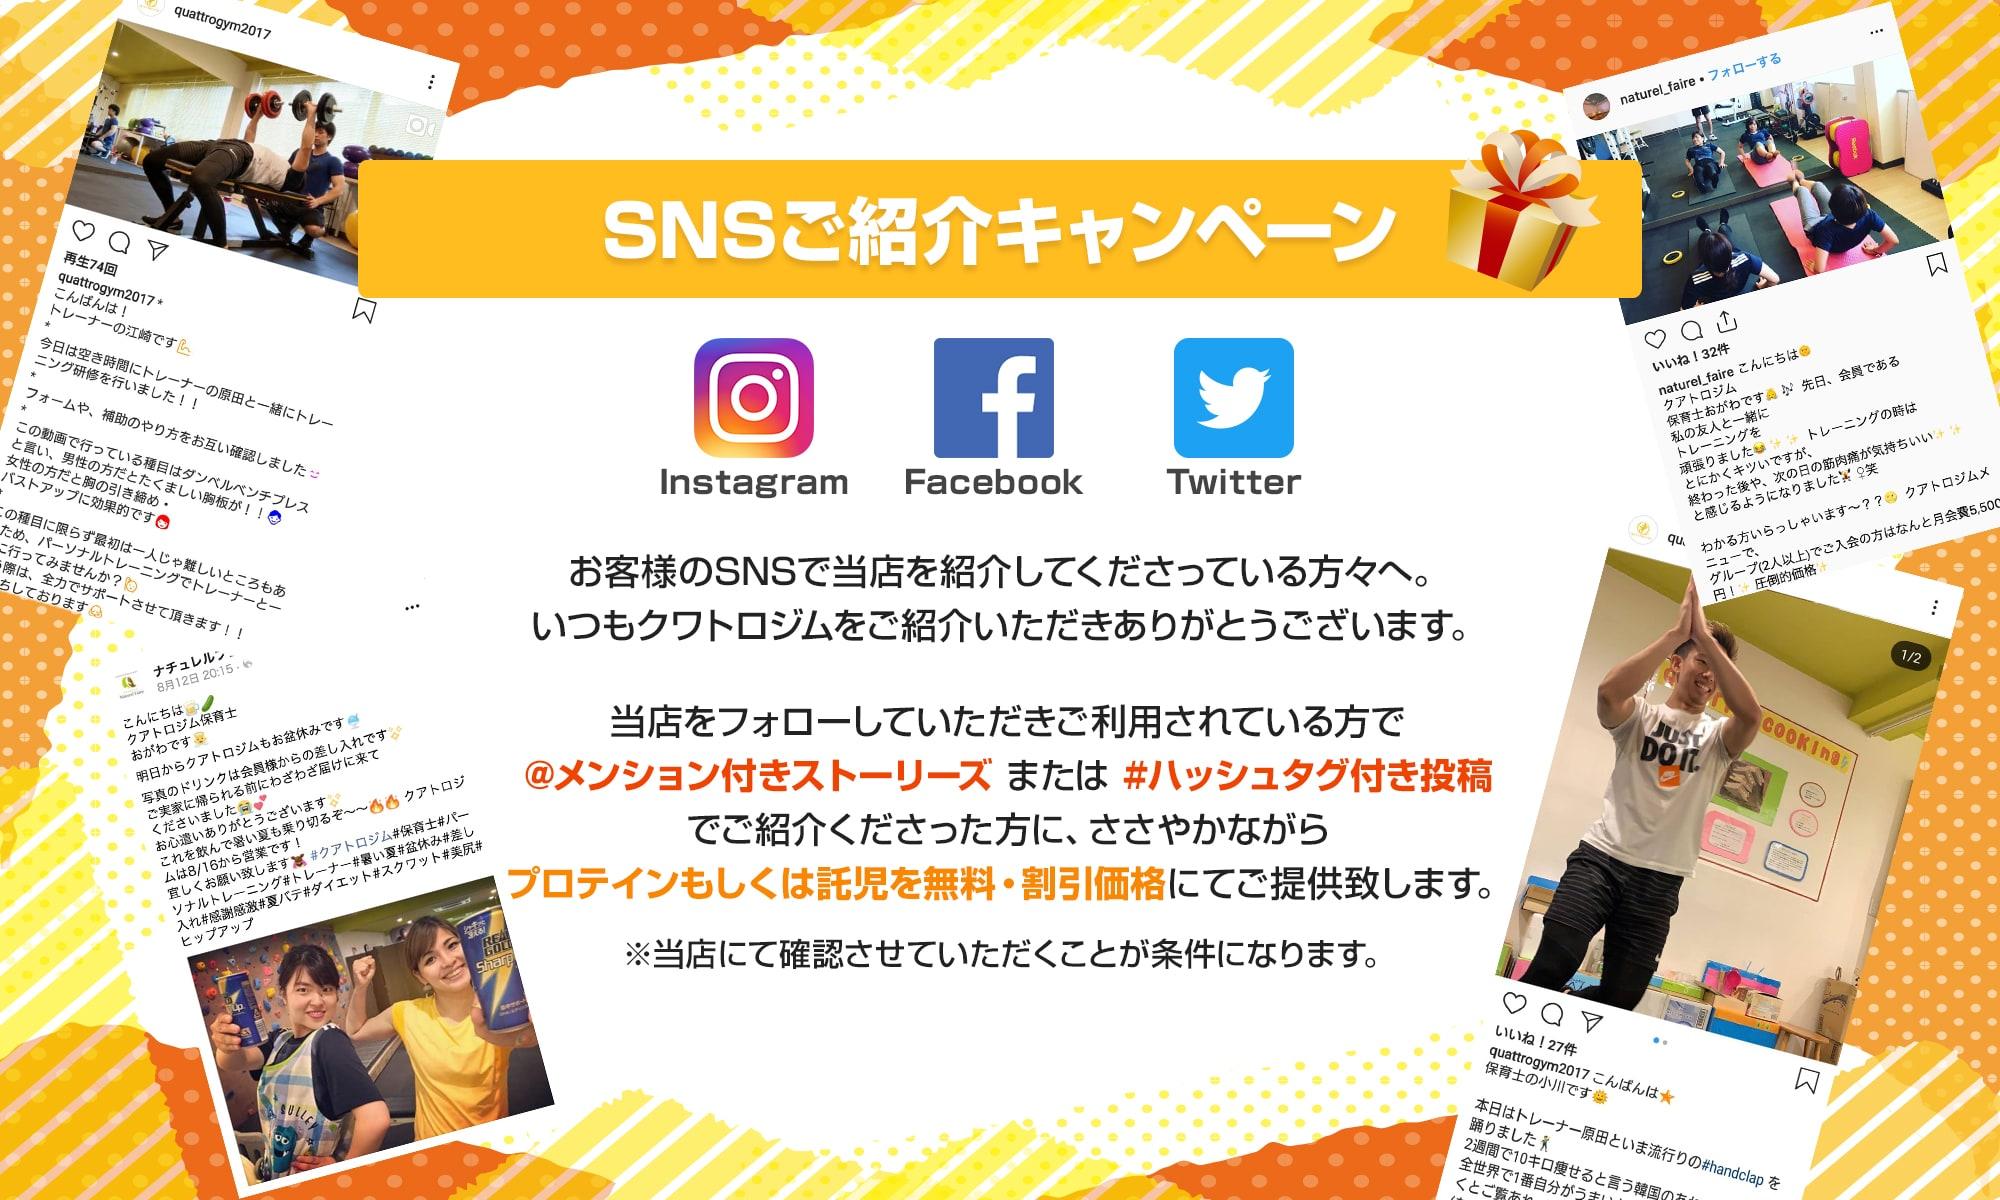 SNSご紹介キャンペーン